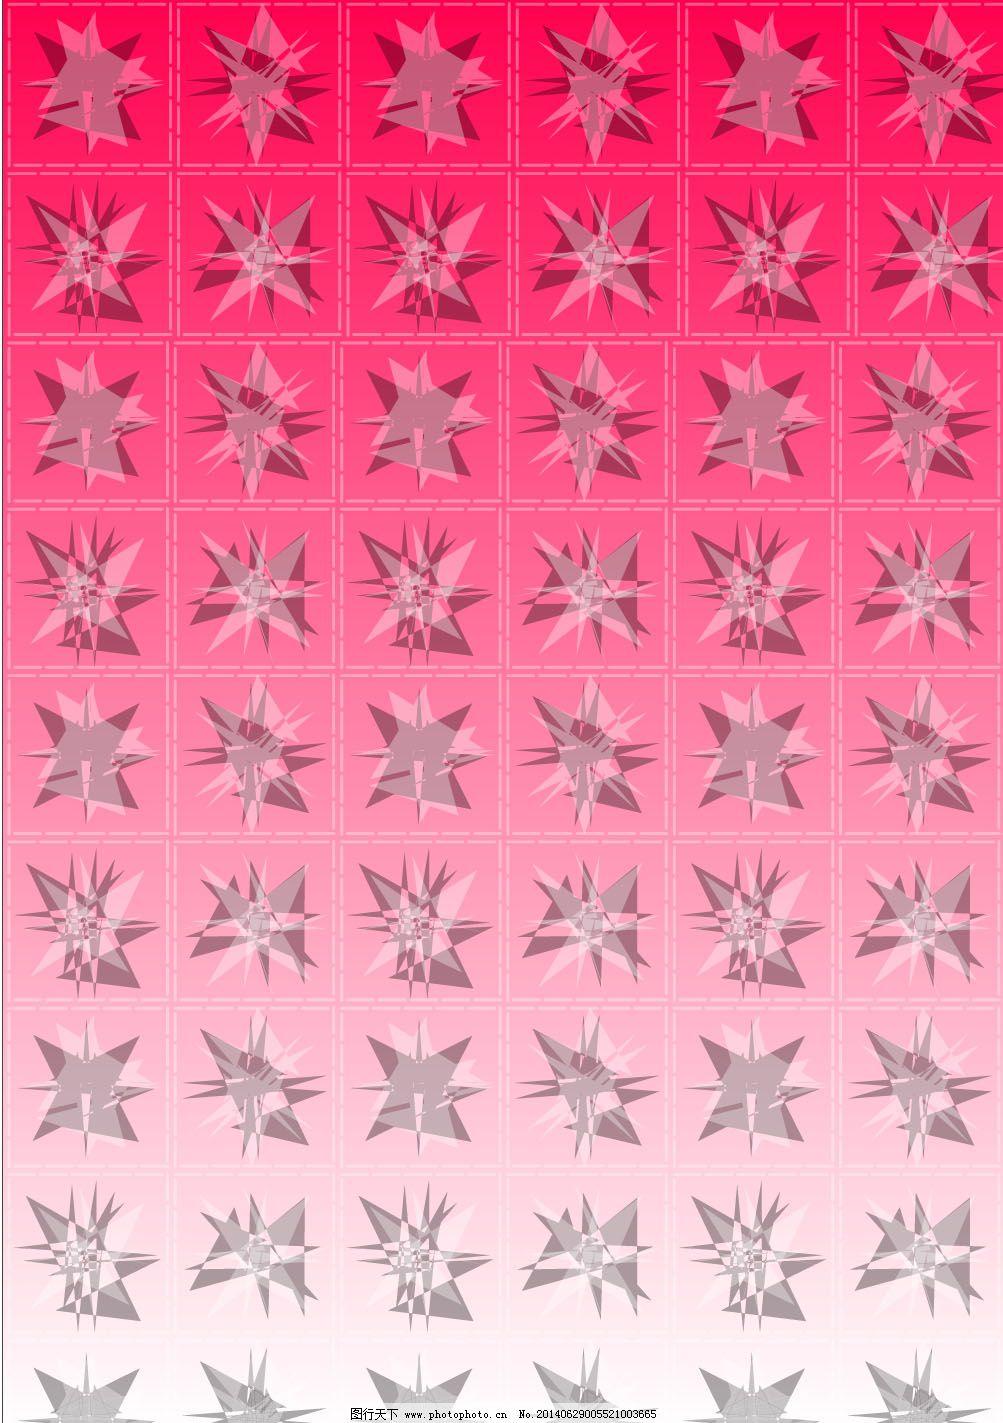 方格底图背景矢量素材